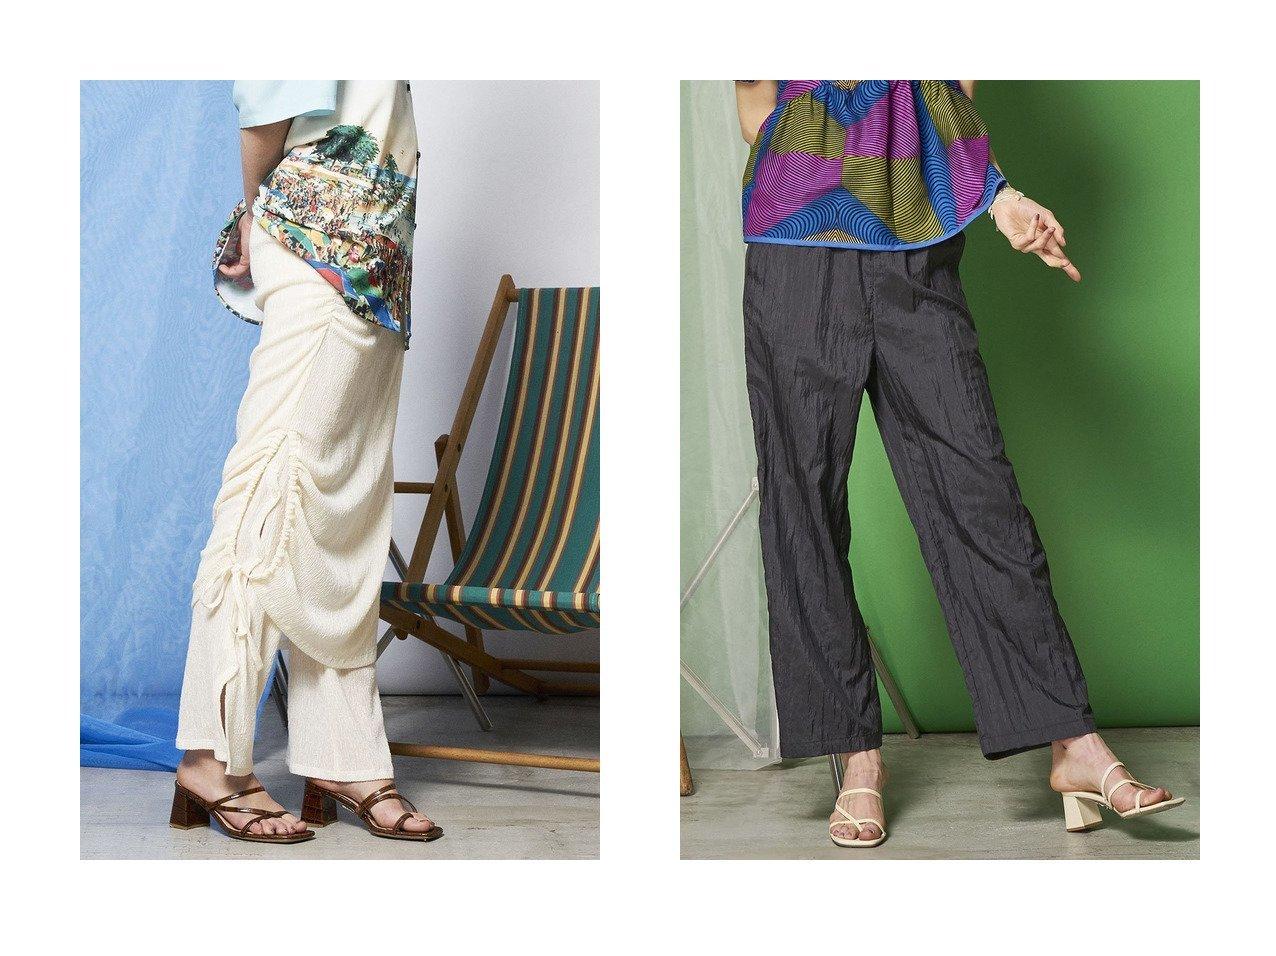 【MAISON SPECIAL/メゾンスペシャル】の3WAYレイヤードボトム&シルクブレンドワッシャーイージーパンツ 【パンツ】おすすめ!人気、トレンド・レディースファッションの通販 おすすめで人気の流行・トレンド、ファッションの通販商品 インテリア・家具・メンズファッション・キッズファッション・レディースファッション・服の通販 founy(ファニー) https://founy.com/ ファッション Fashion レディースファッション WOMEN パンツ Pants おすすめ Recommend アシンメトリー ジャージー ストレッチ スリット セットアップ セパレート ドローストリング フレア リラックス レギンス シルク ストレート ワッシャー 軽量 |ID:crp329100000041861